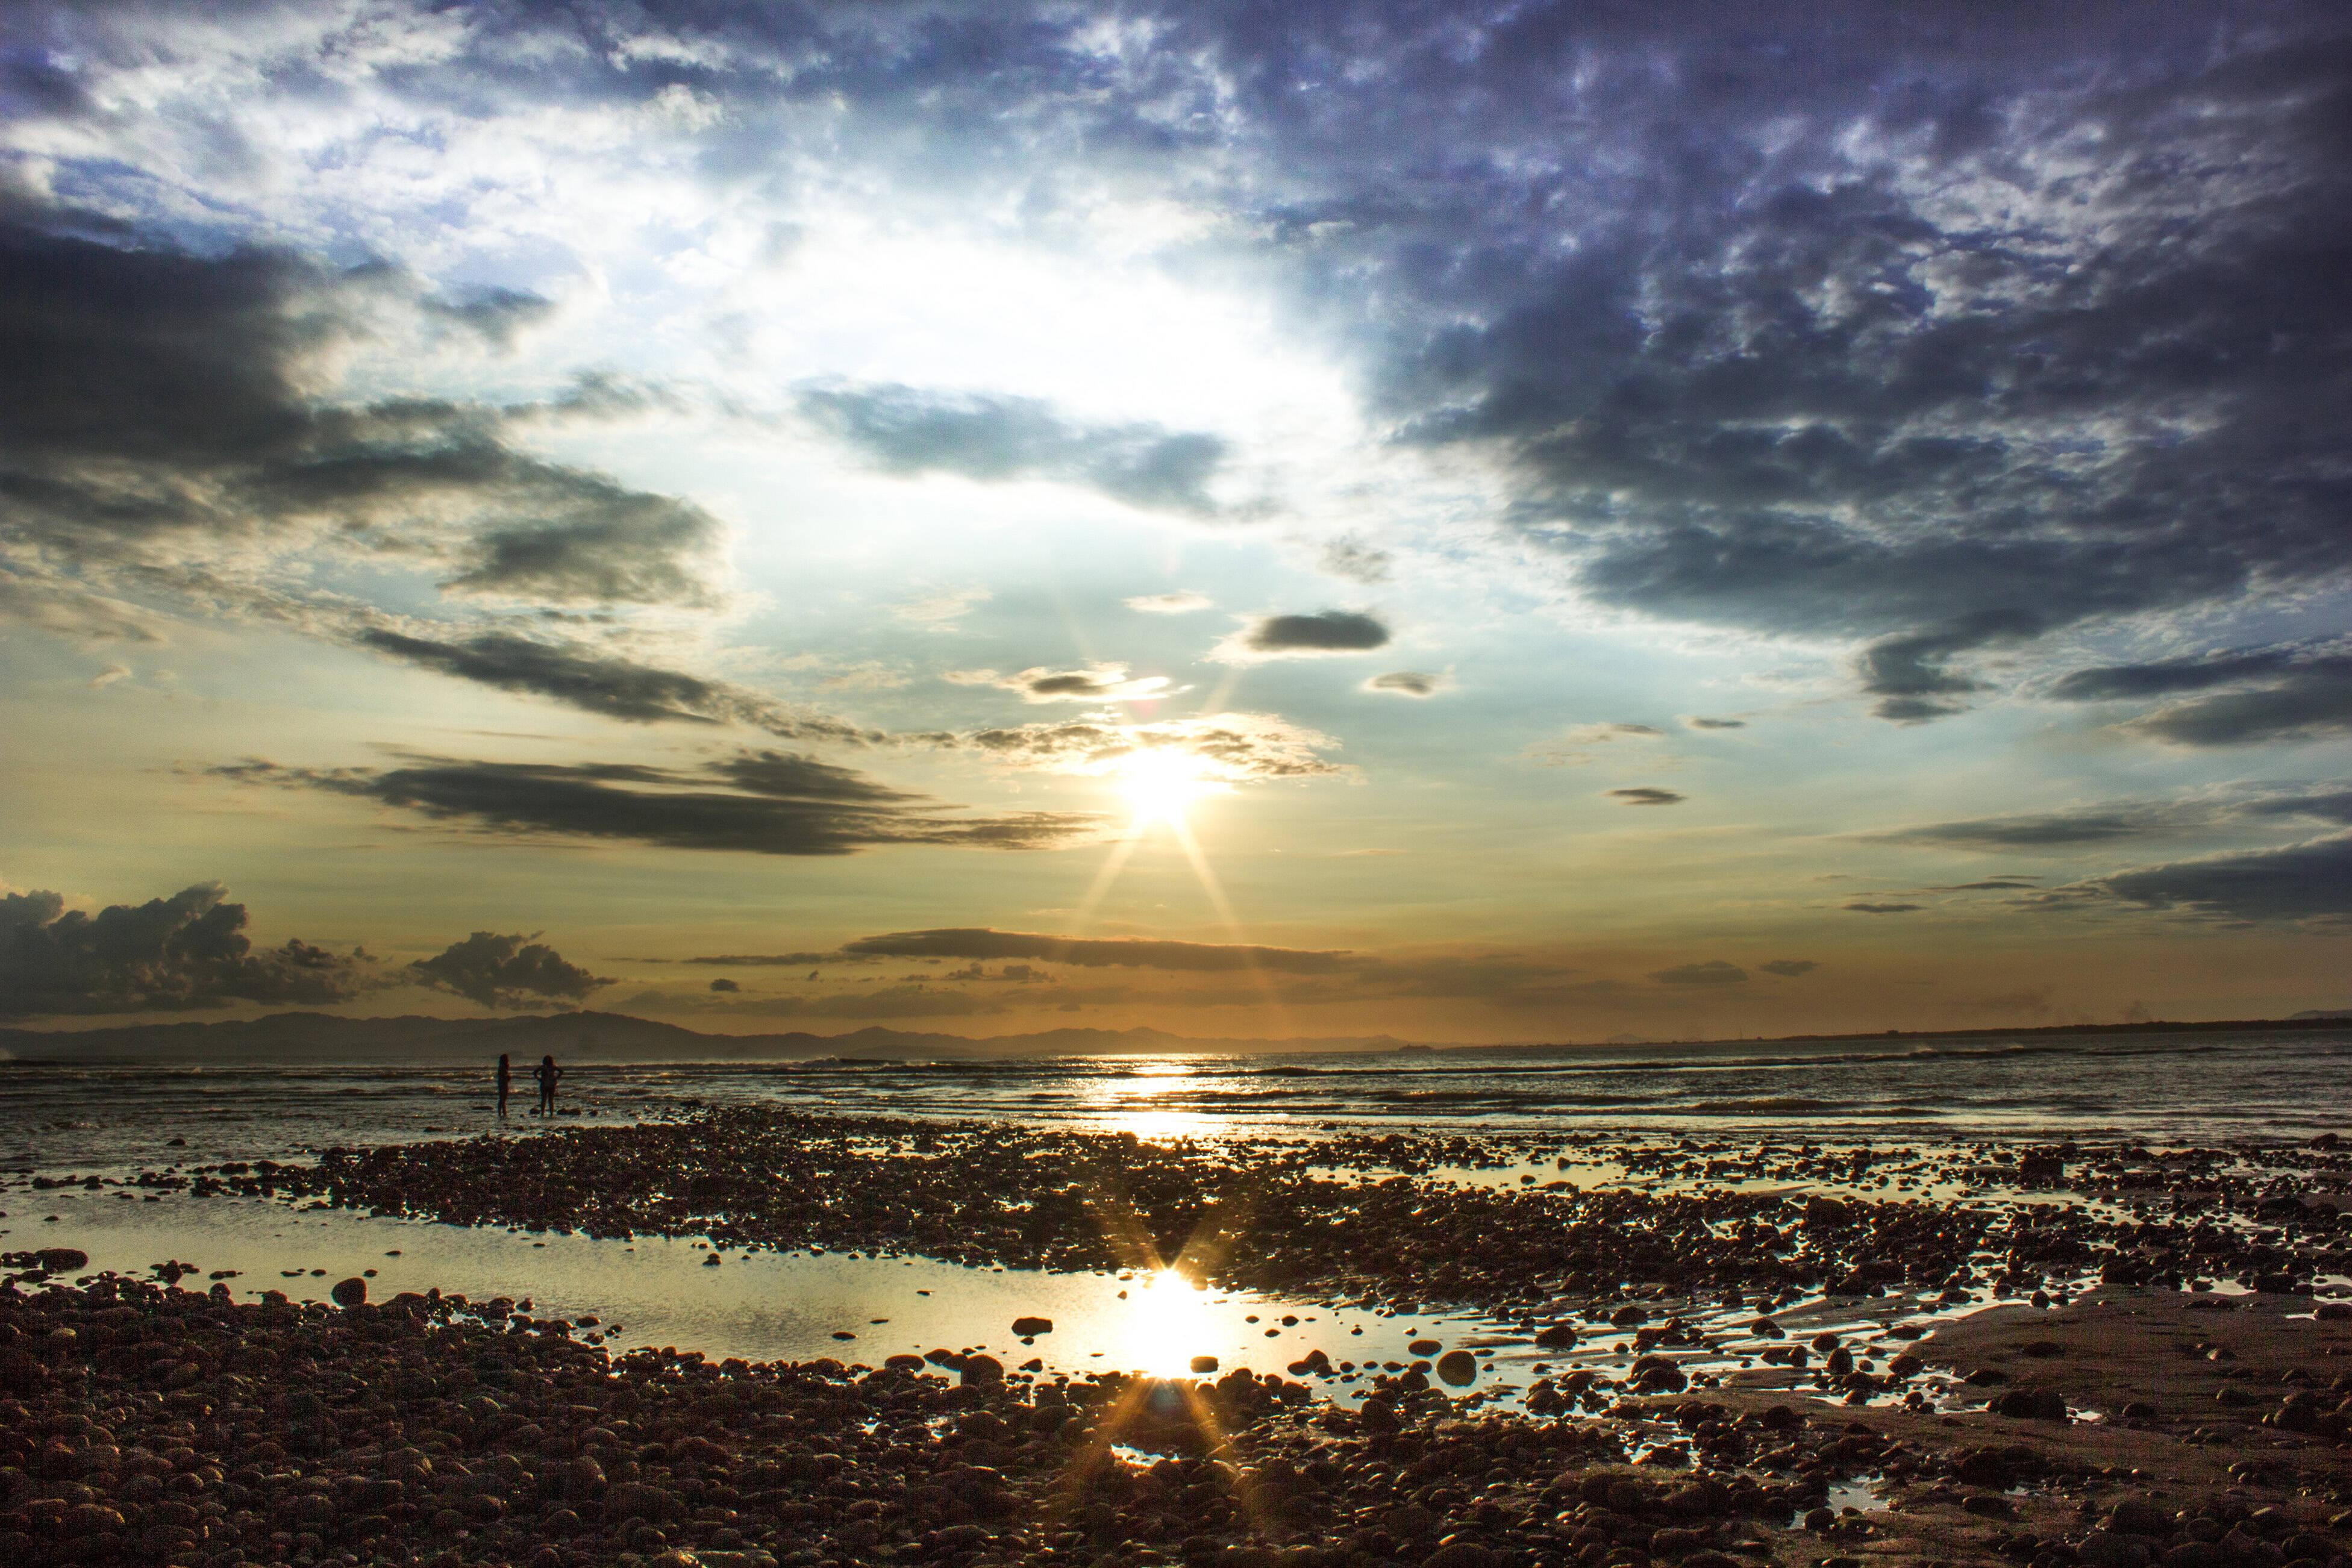 A praia de Boca Barranca é recomendada apenas para os surfistas mais experientes. Foto: shutterstock